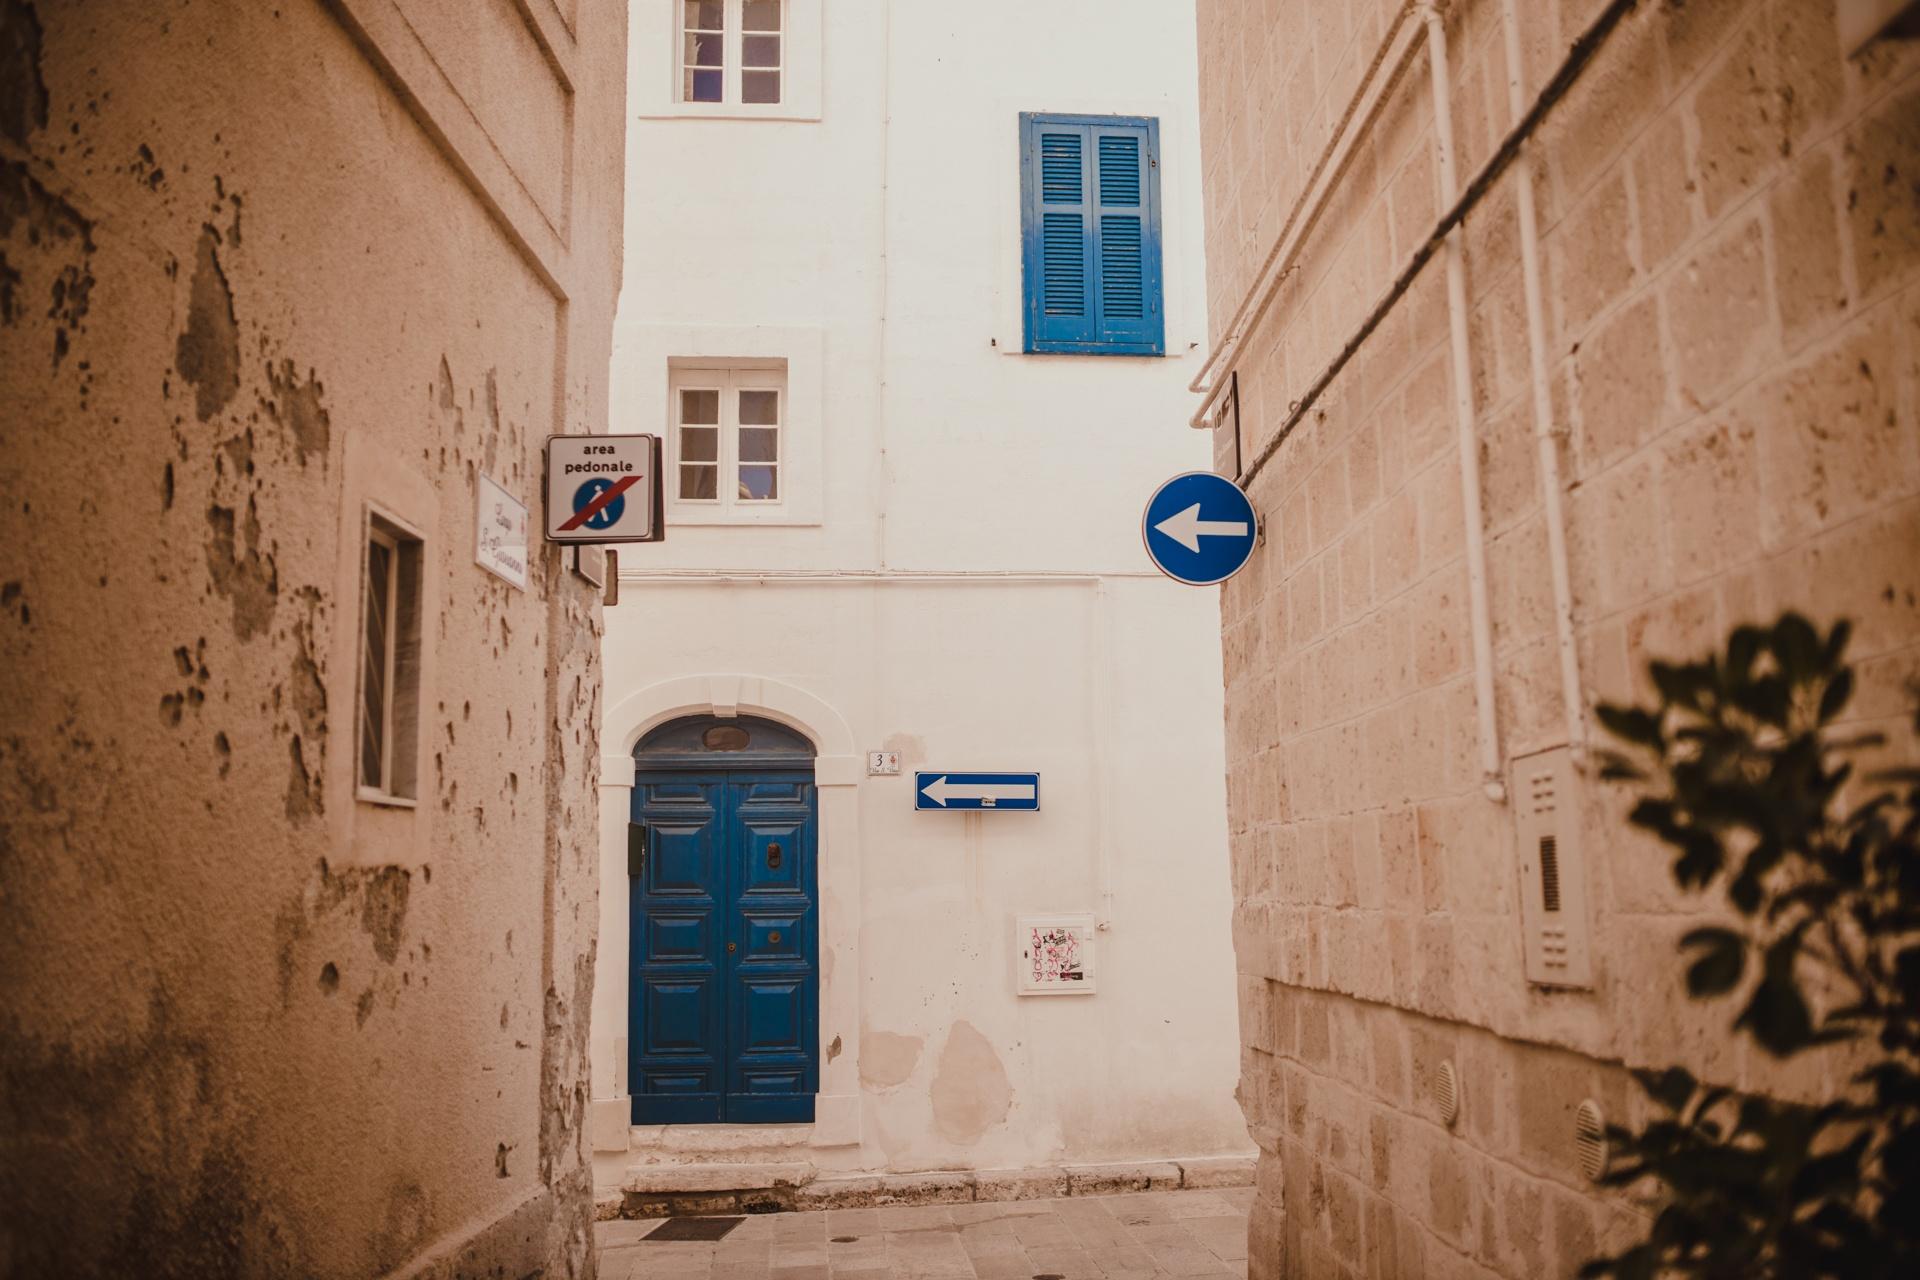 Apulia - relacja na blogu podrózniczym